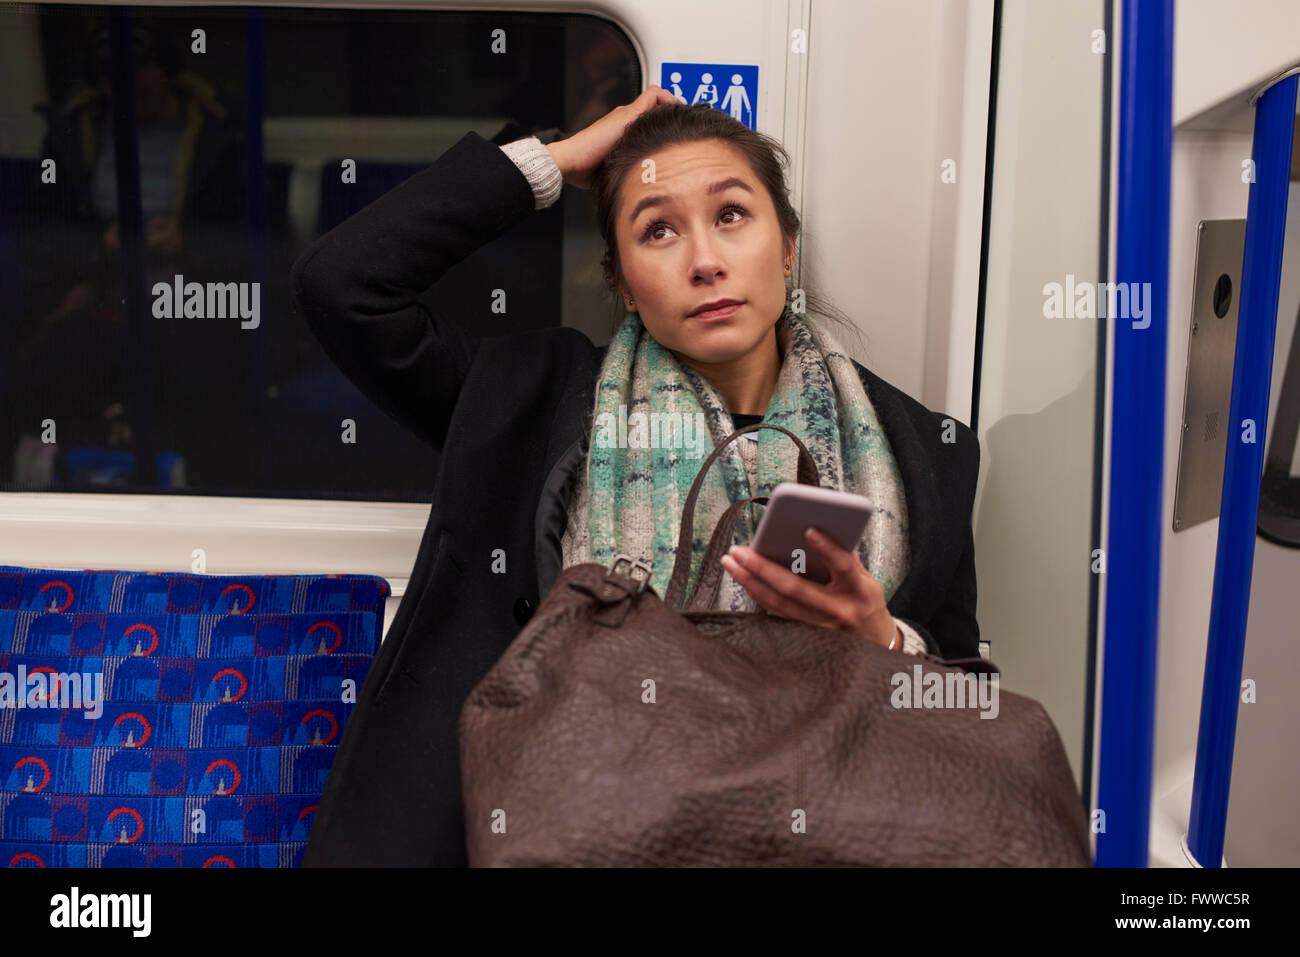 Frau sitzt In U-Bahn Wagen Blick auf SMS Stockbild